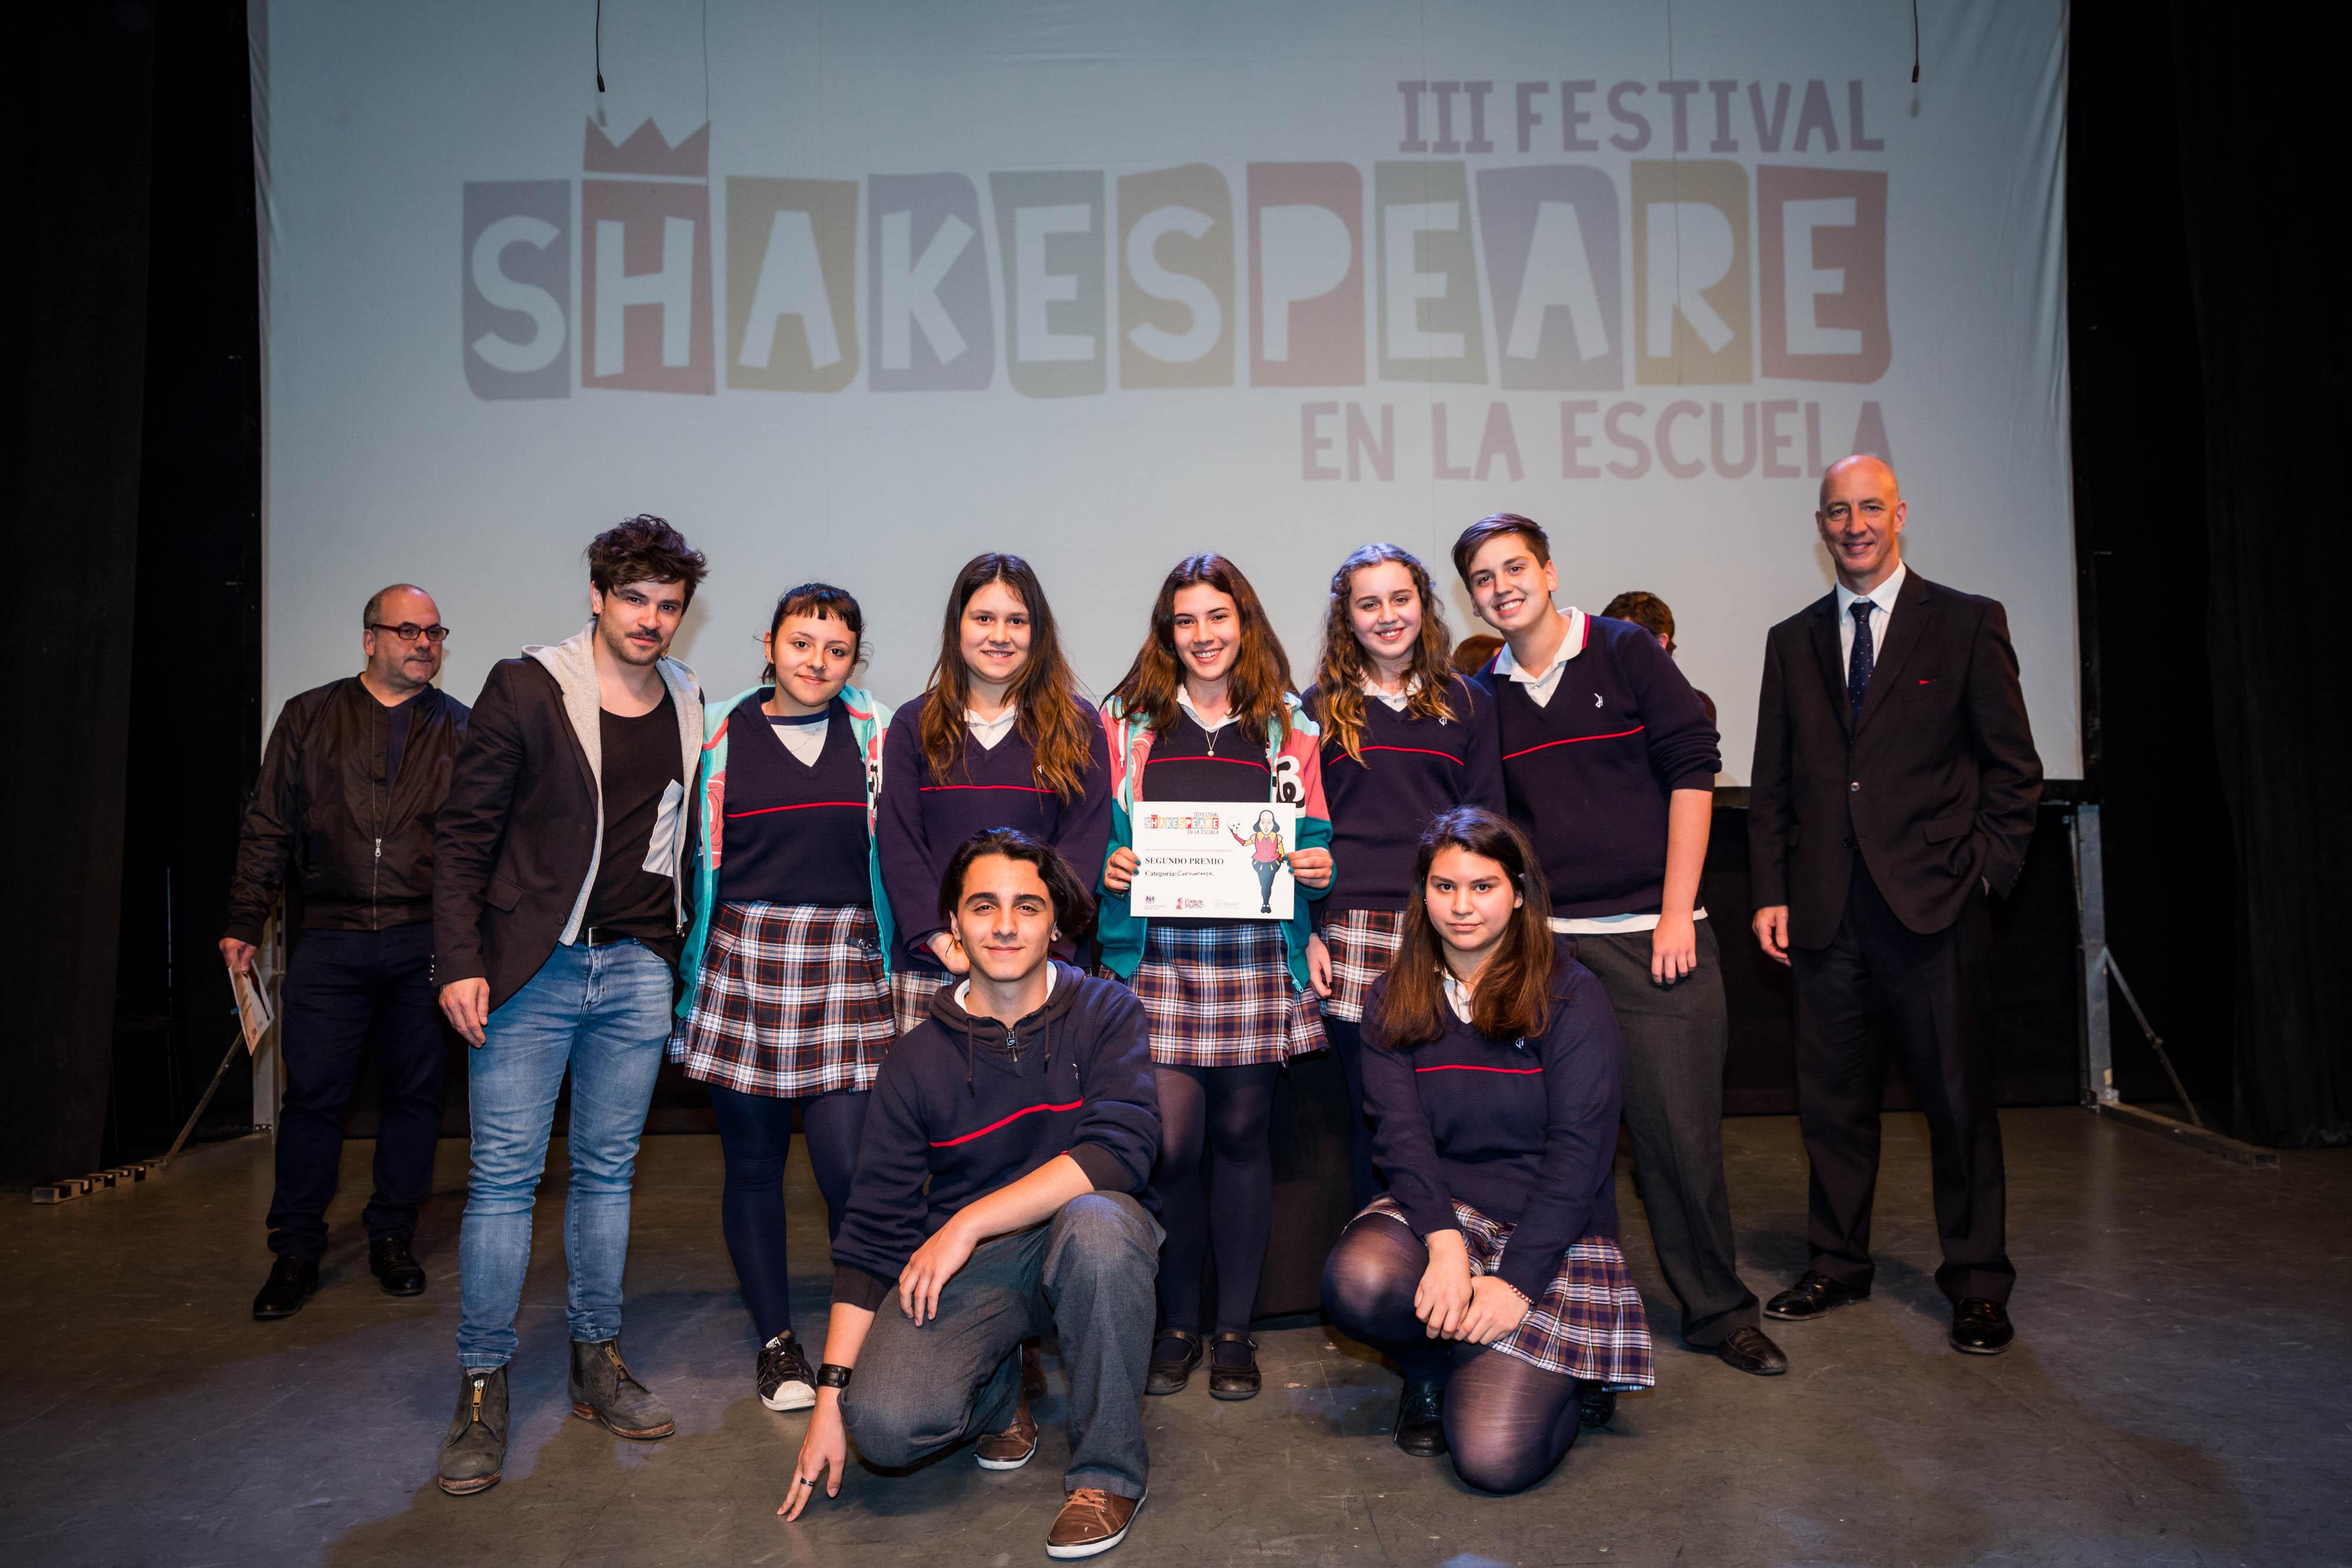 185-Shakespeare en la escuela-050917